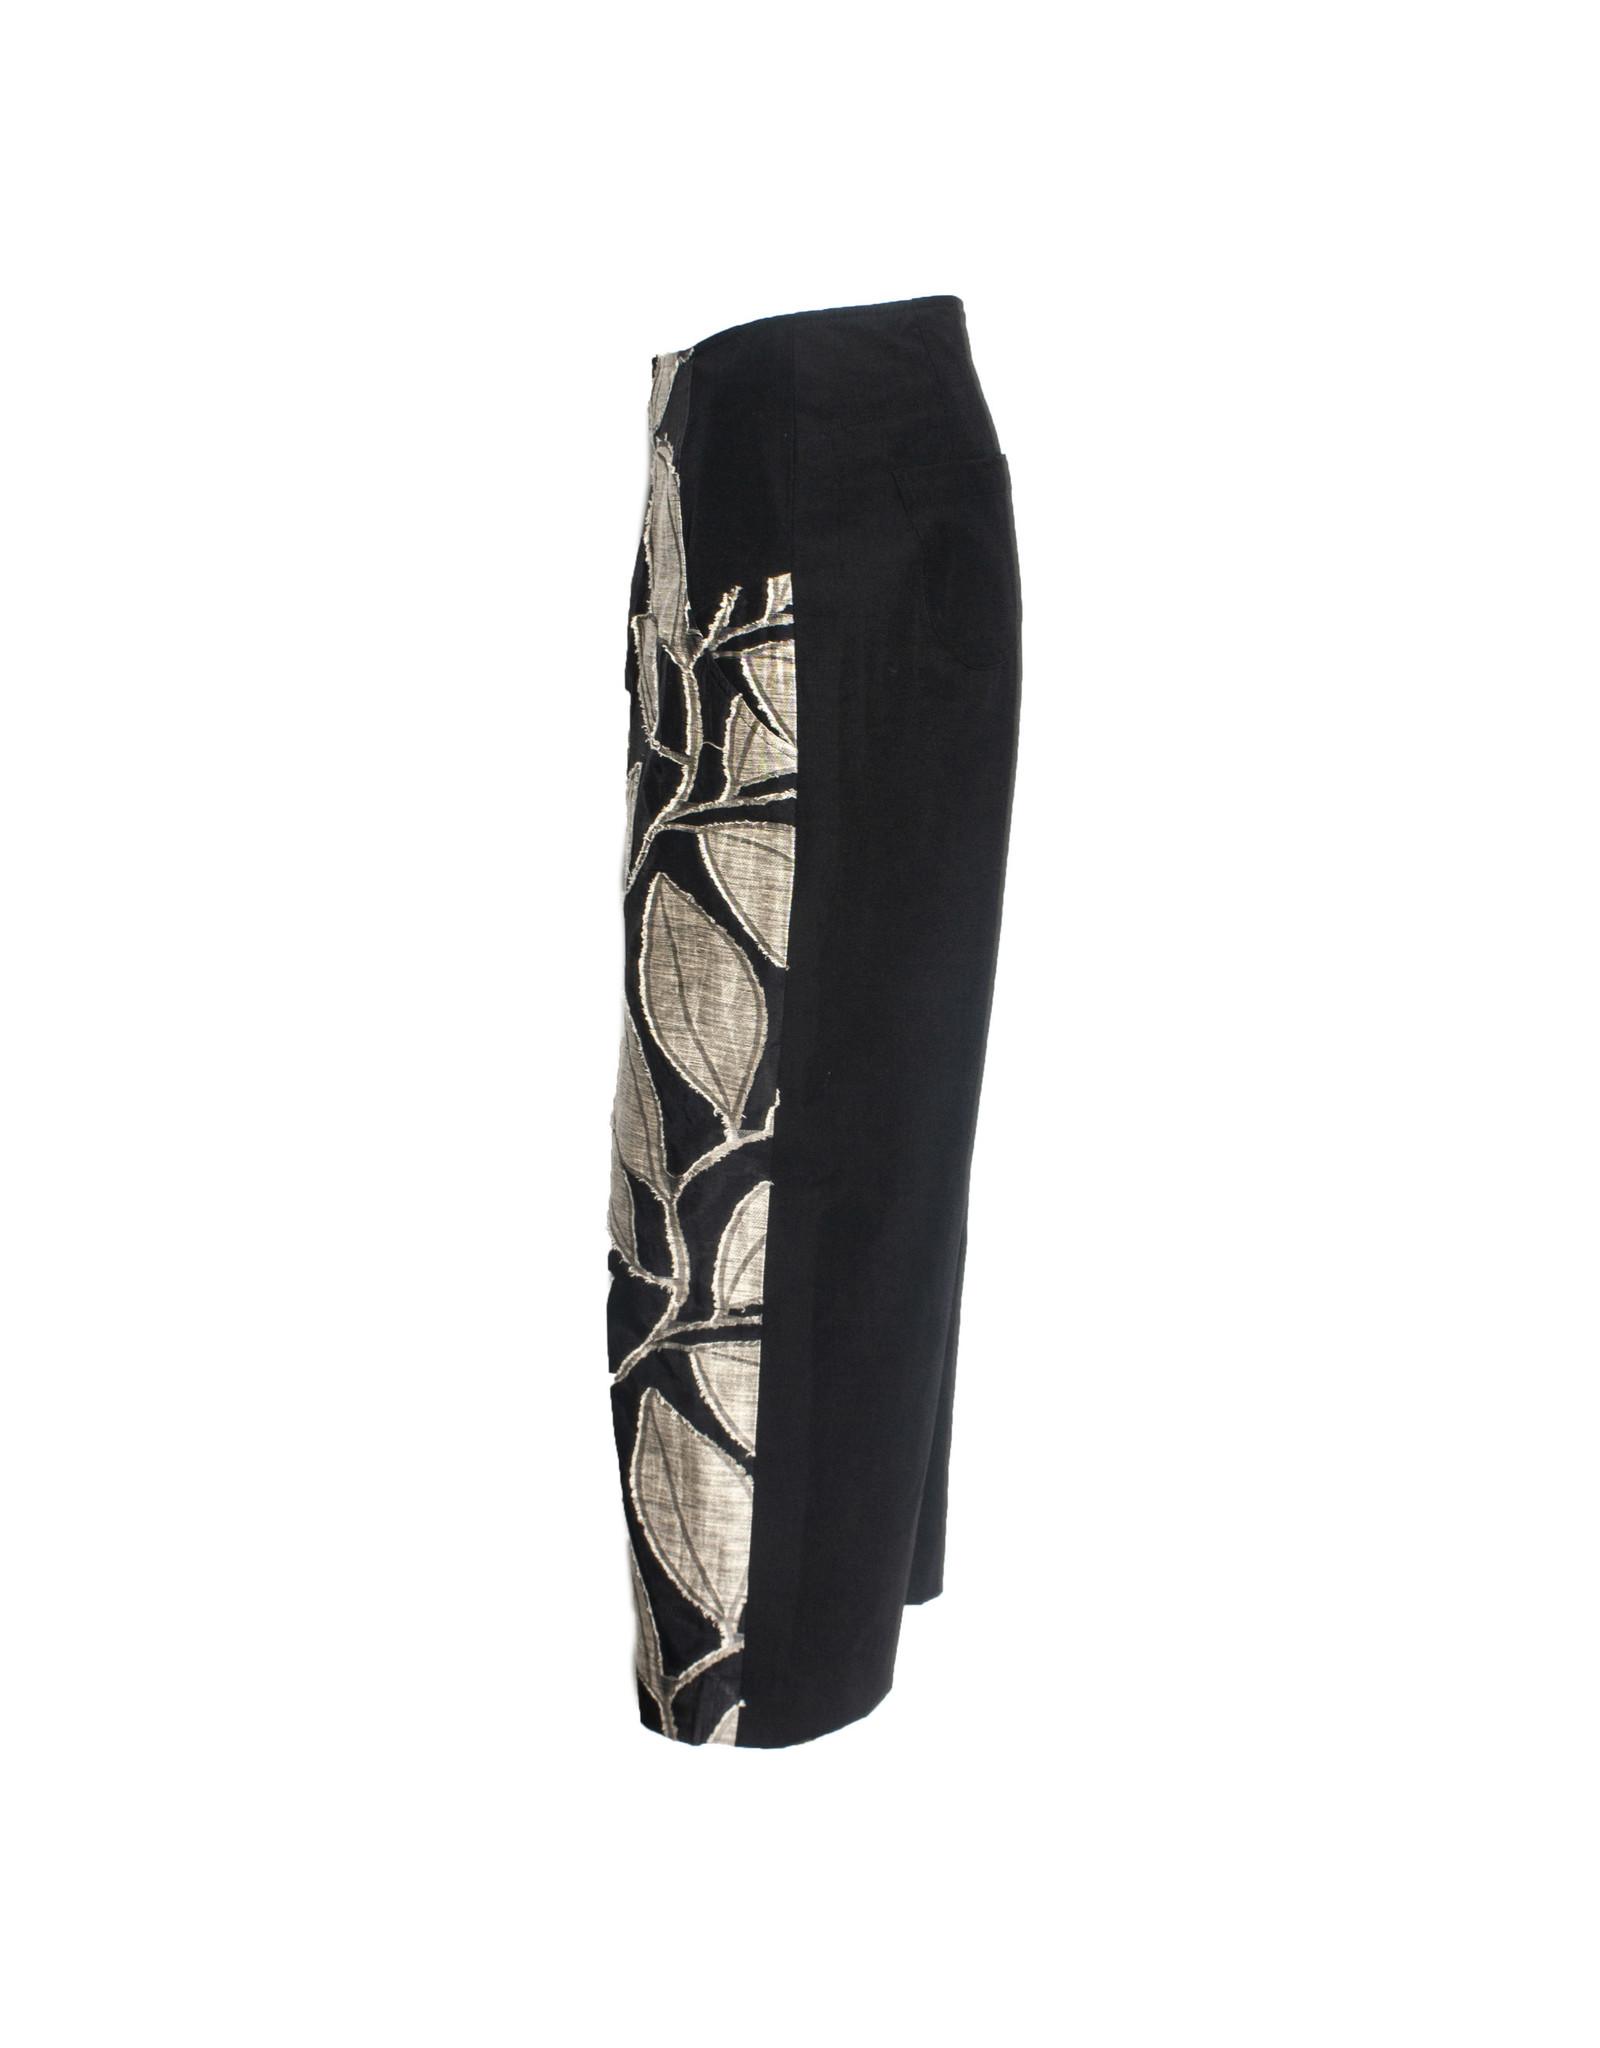 Yoshi Yoshi Yoshi Yoshi Banana Leaf Print Pants - Black